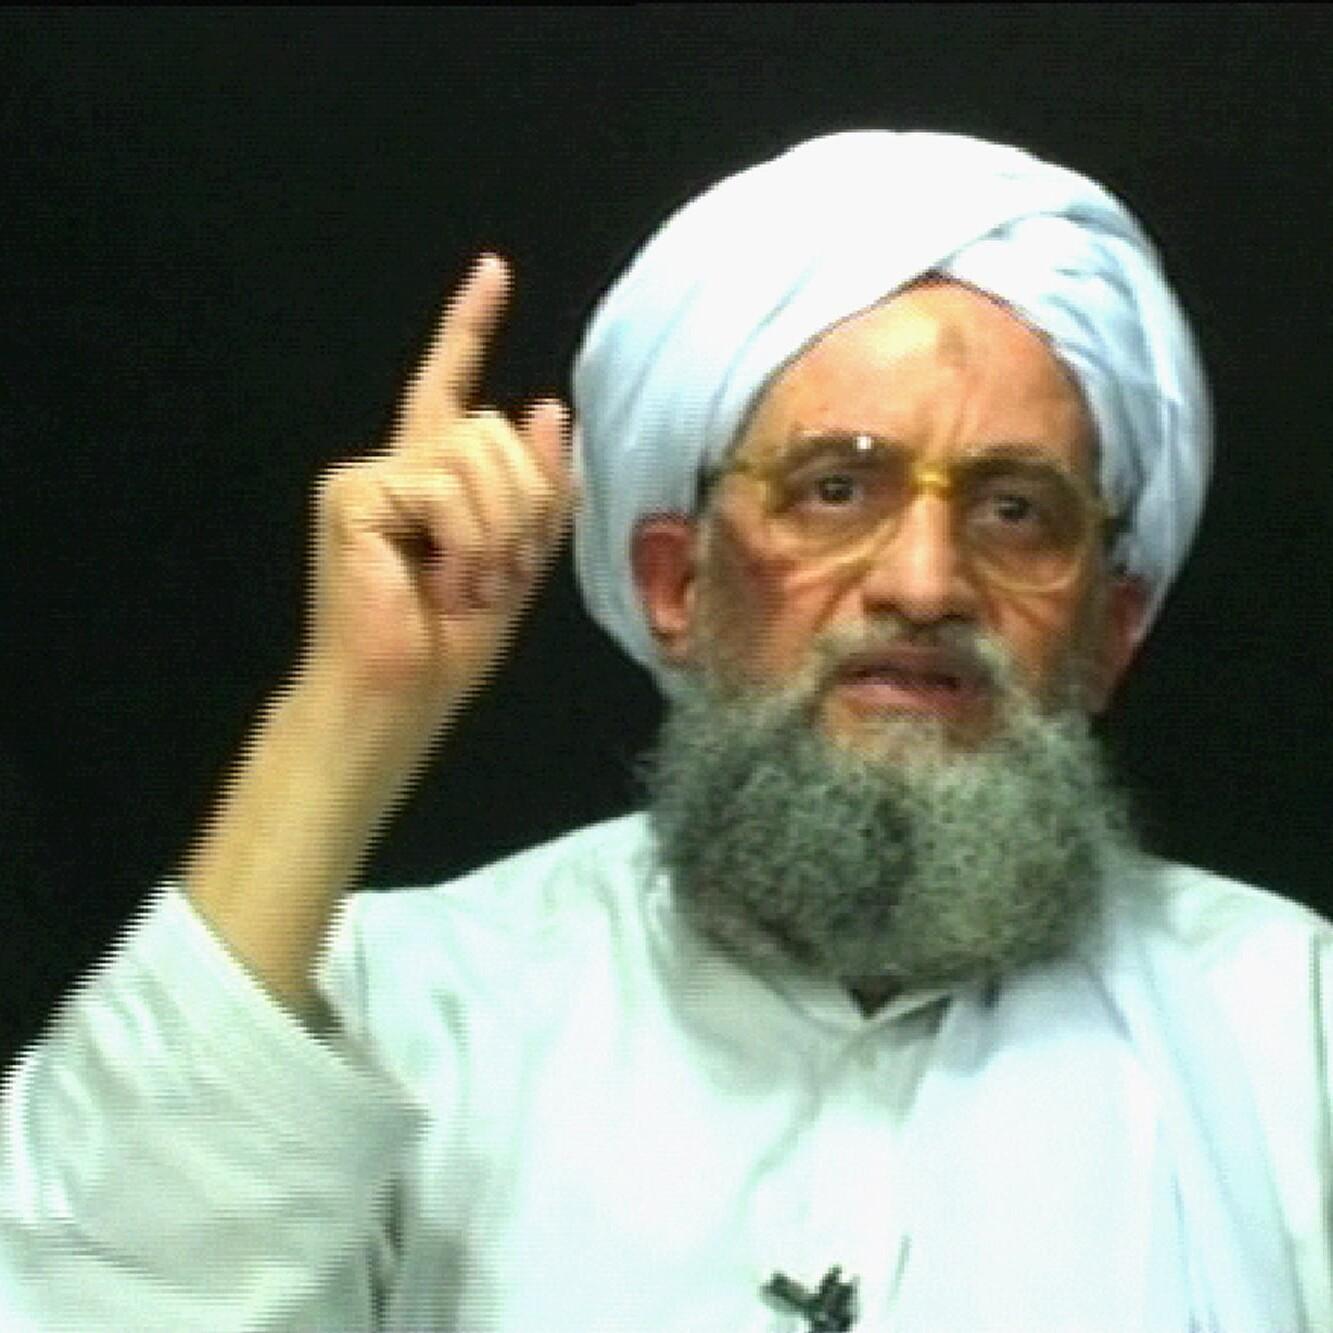 Al-Zawahiri, muore l'ultimo simbolo del terrorismo islamico